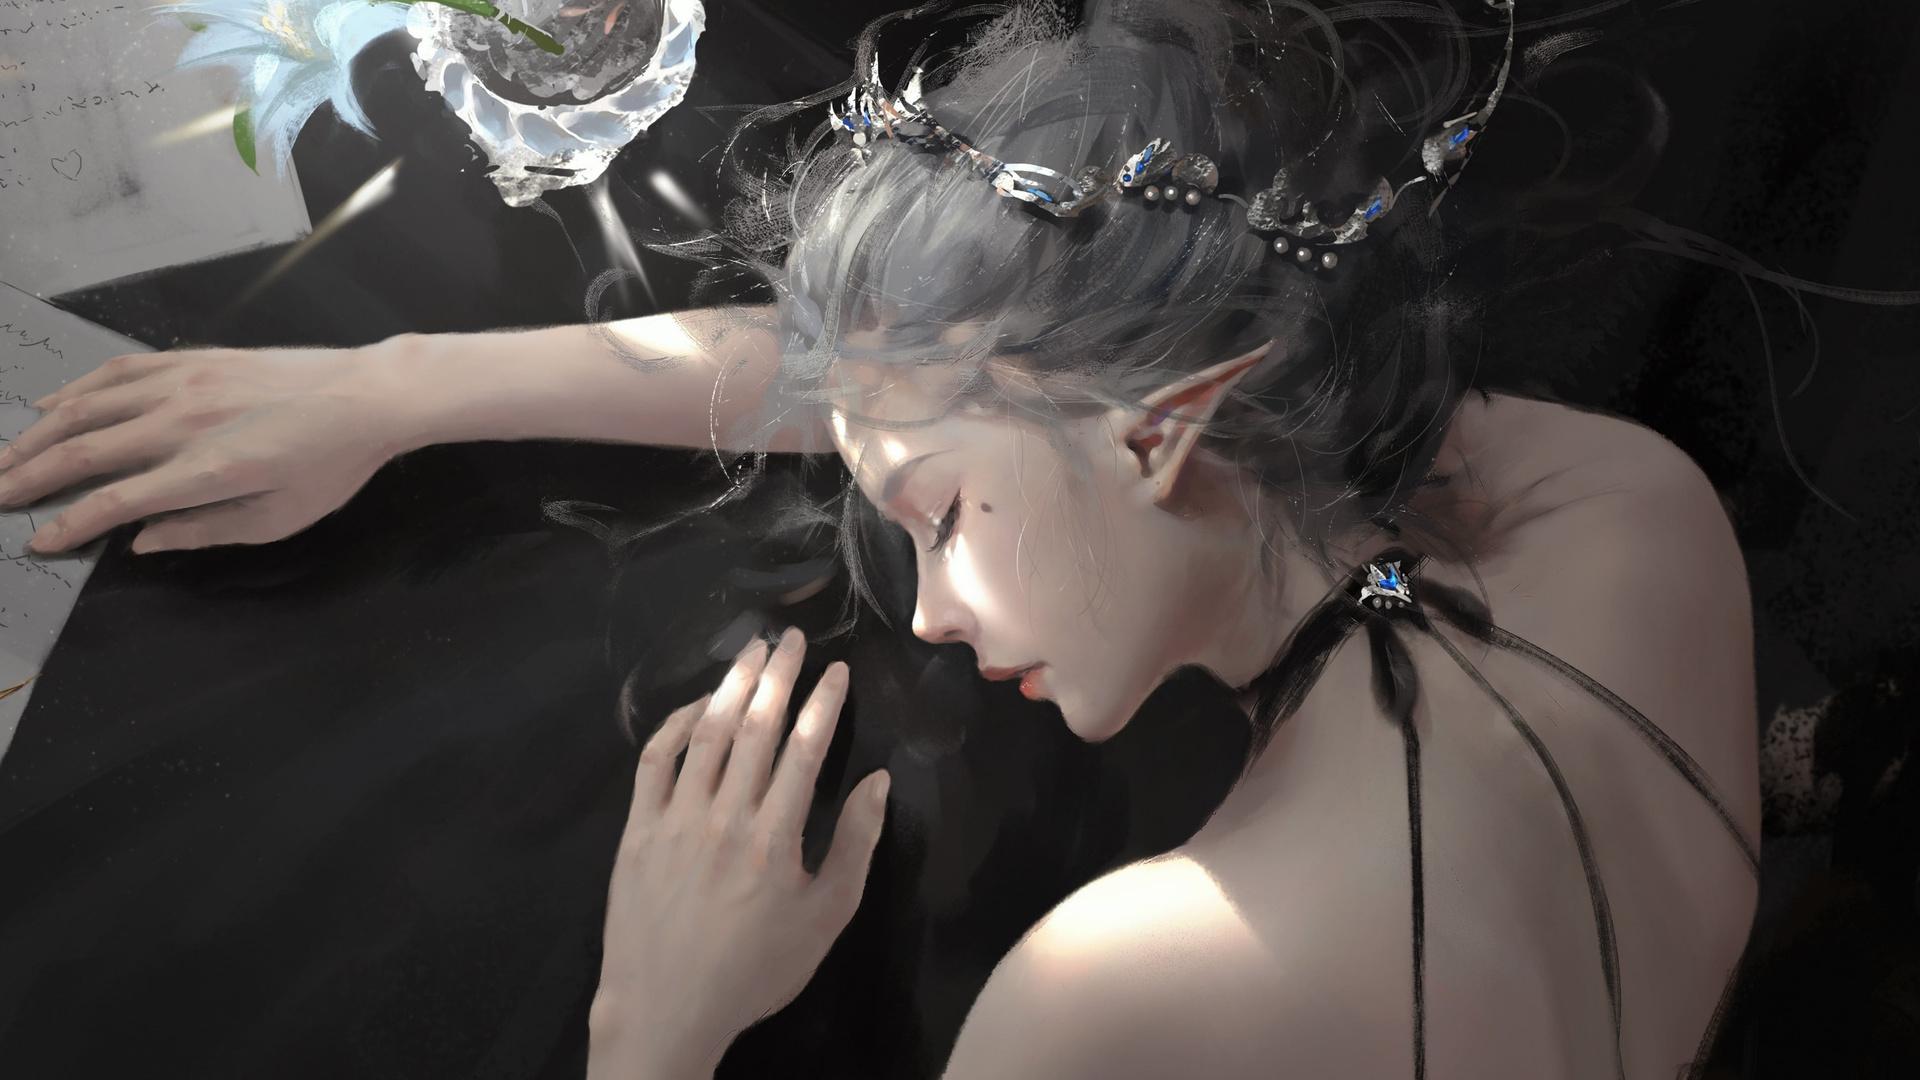 wlop, women, pen, flowers, closed, eyes, fantasy, art, fantasy, girl, artwork, art, hd, wallpaper